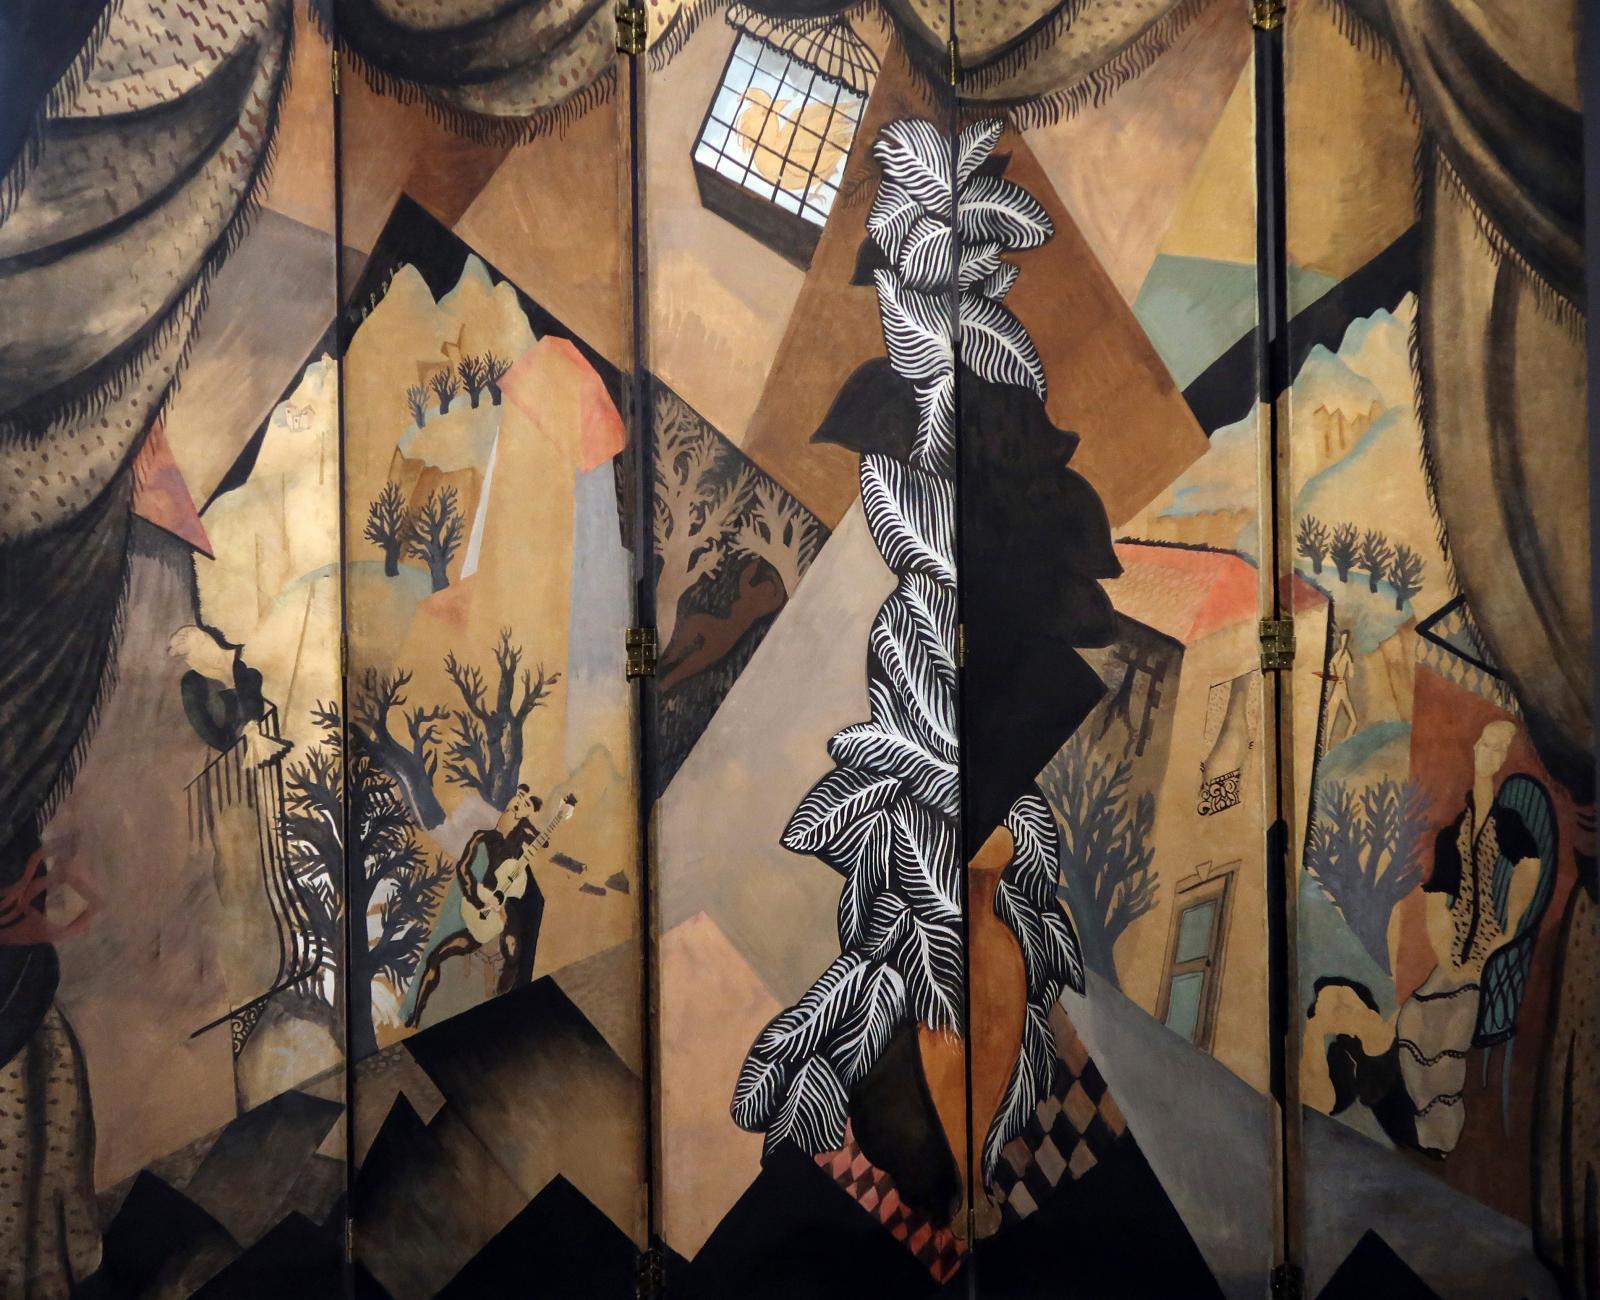 Jean Lurçat, paravent L'Été, 1922, peinture à la colle, graphite, châssis en bois, Centre Pompidou, Mnam-CCI, Paris.